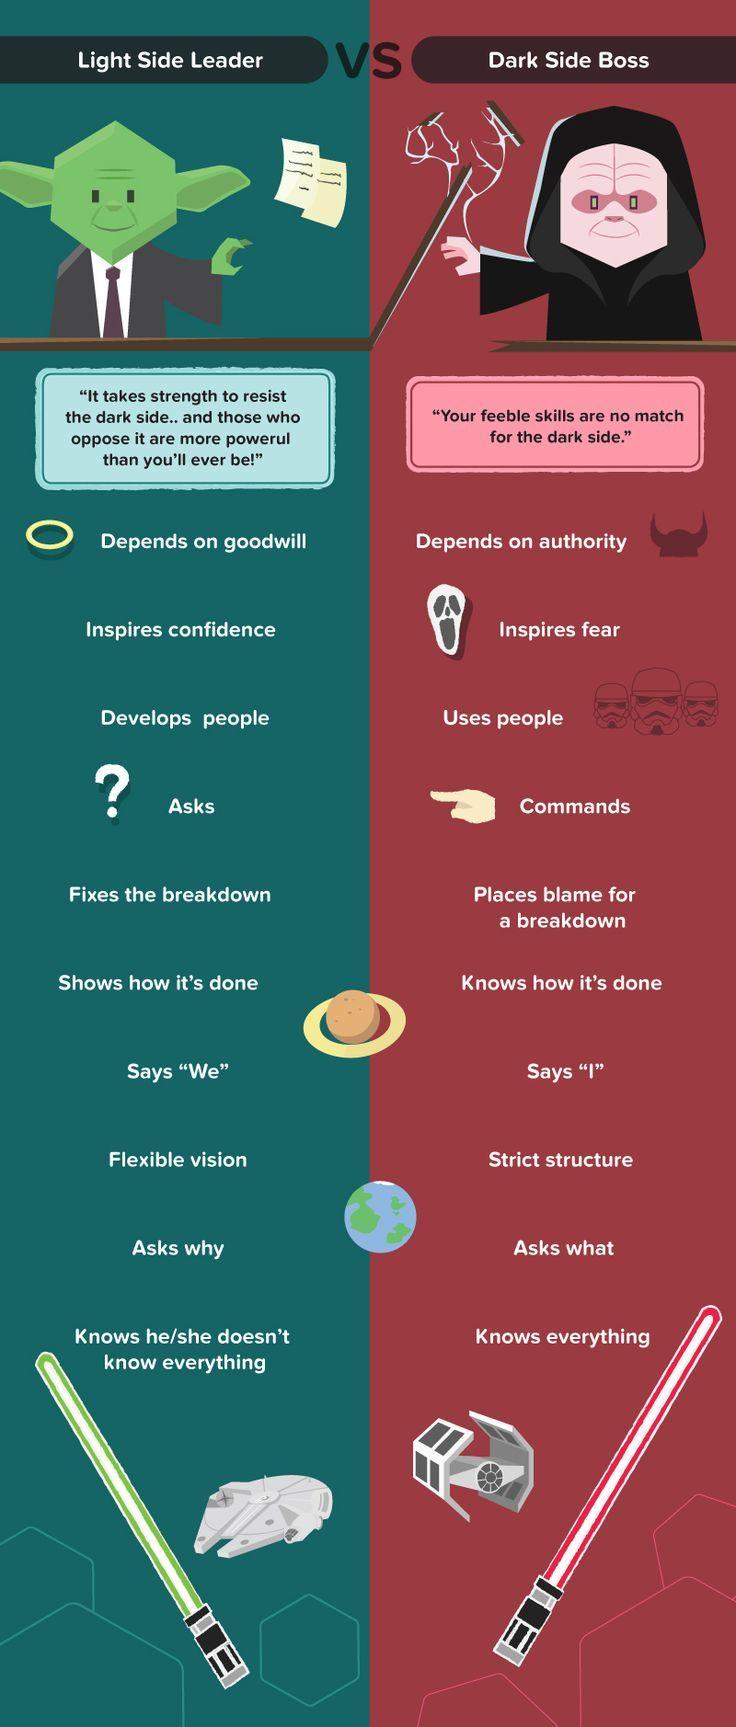 Star Wars: Light Side Leader vs. Dark Side Boss #Infographic #StarWars